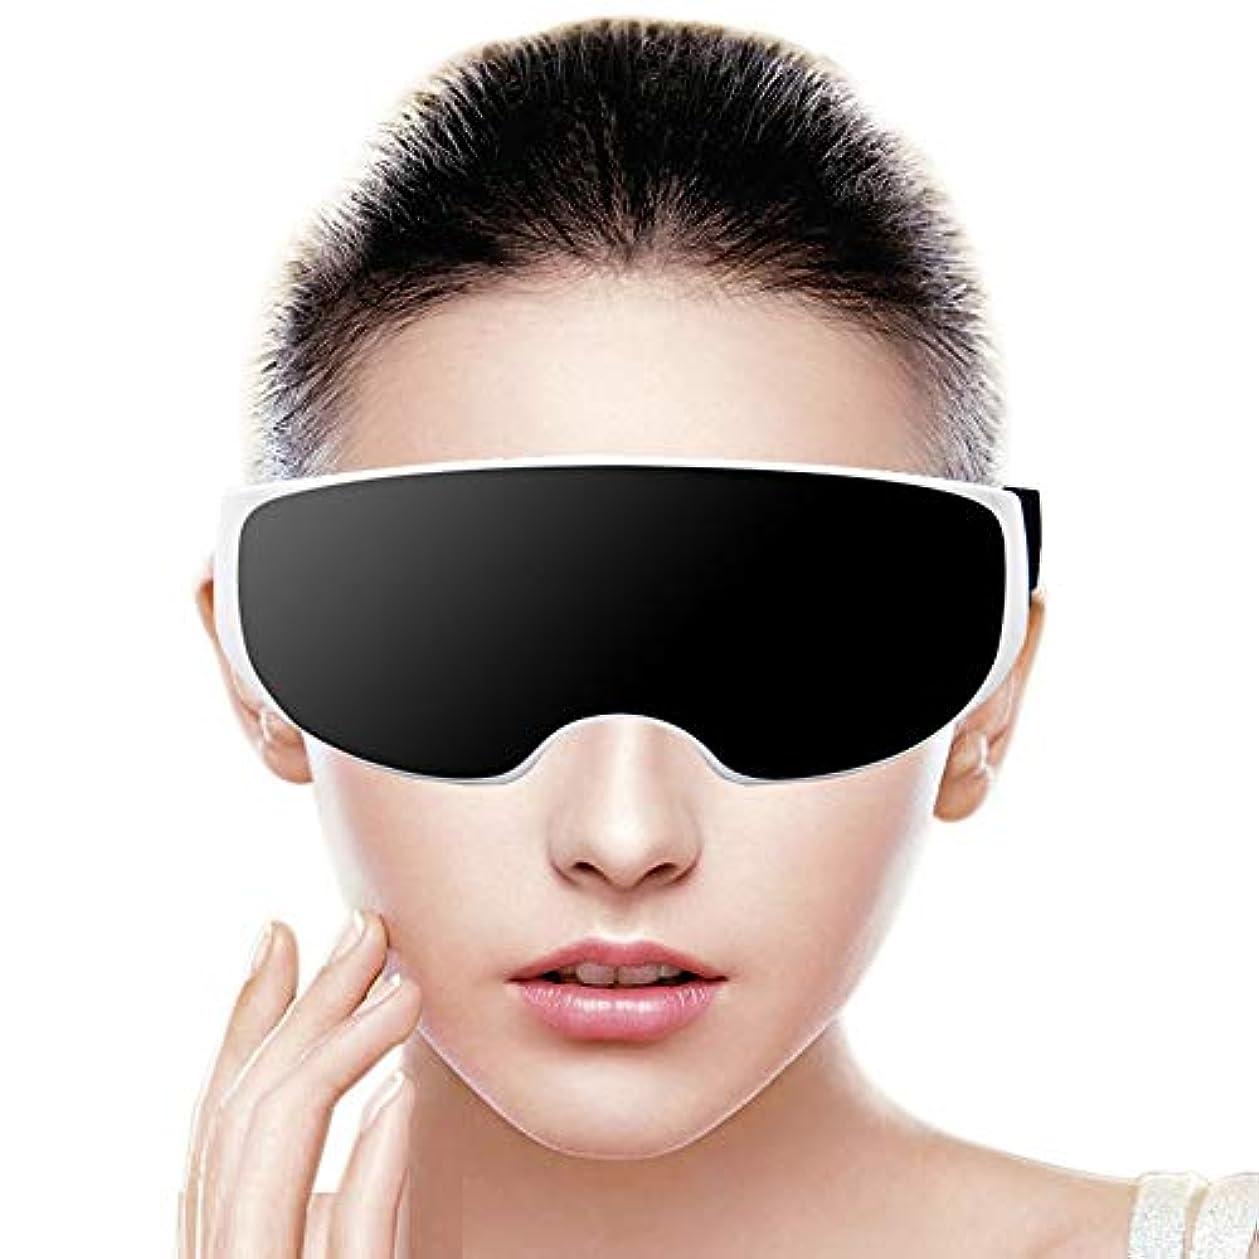 急速な滝多様体電磁気療法の目の心配の器械の目の心配の目のマッサージャーの目のマッサージャーは余分な目と目の疲労を取り除きます (Color : White)